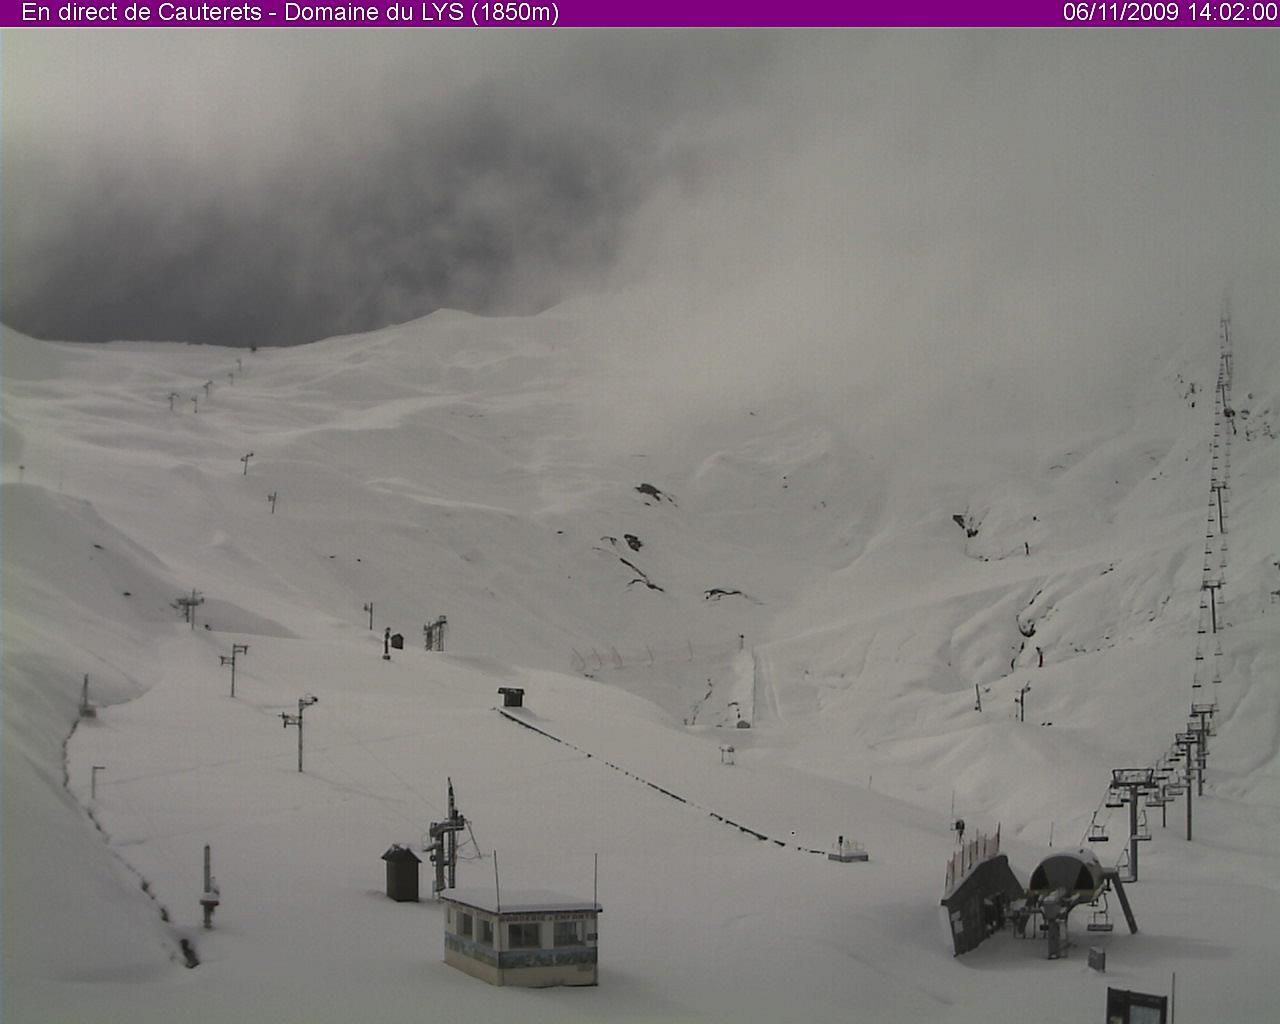 Premières neiges sur la station de ski de Cauterets